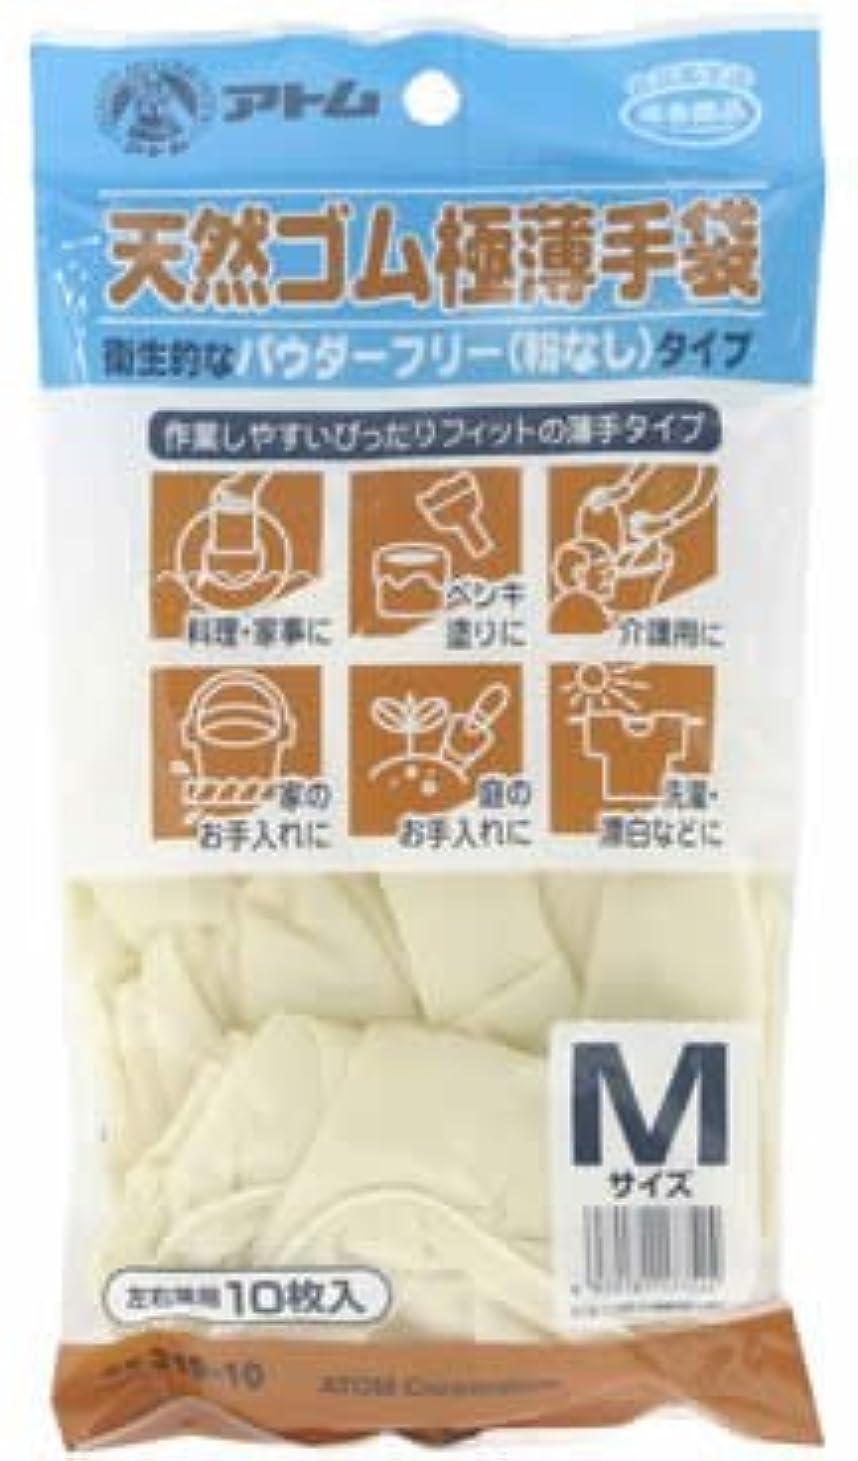 苦味有料故意の天然ゴム極薄手袋 M 10枚入(すべり止め加工)